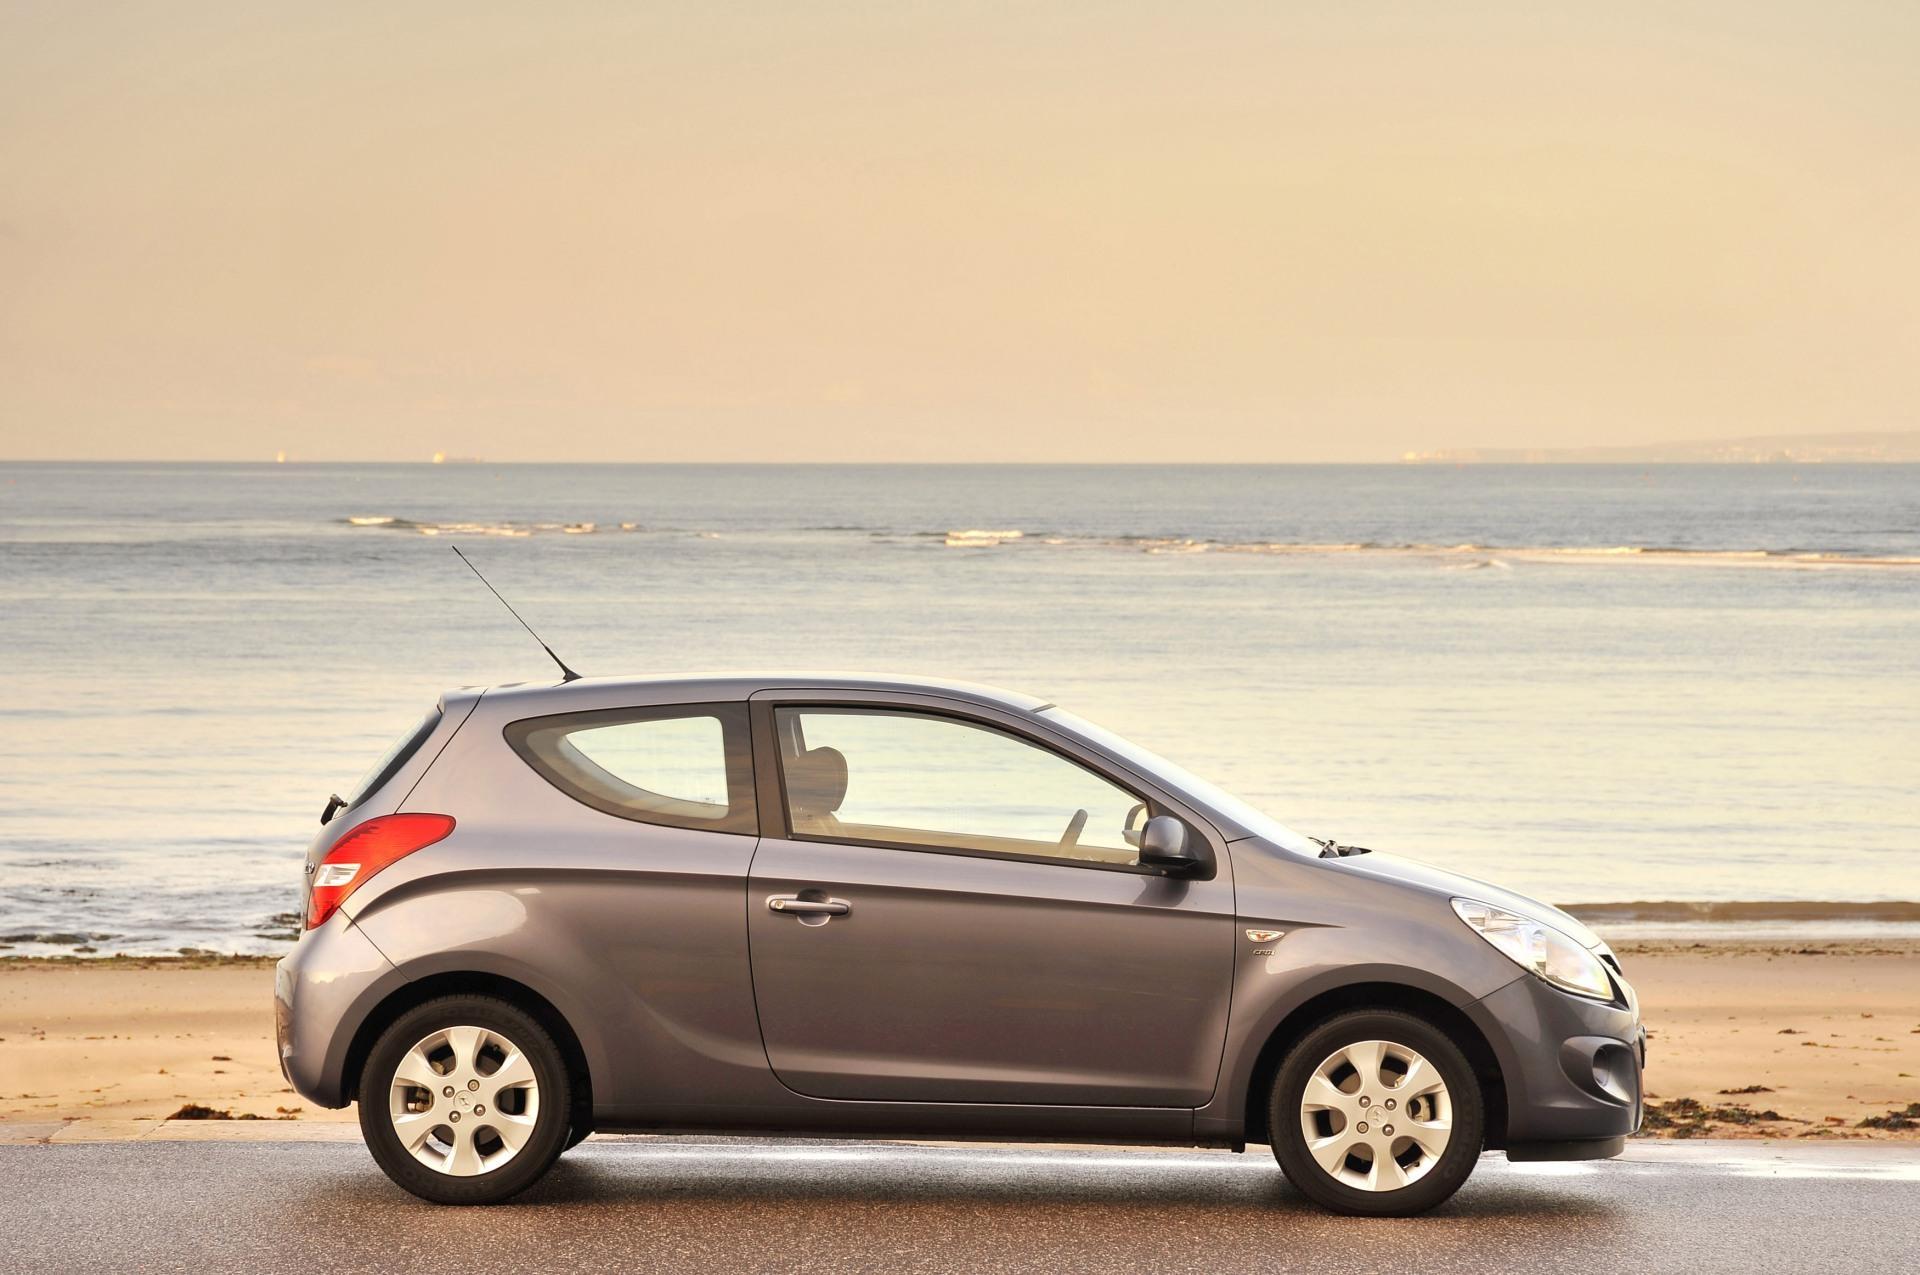 2011 Hyundai I20 News And Information Conceptcarz Com